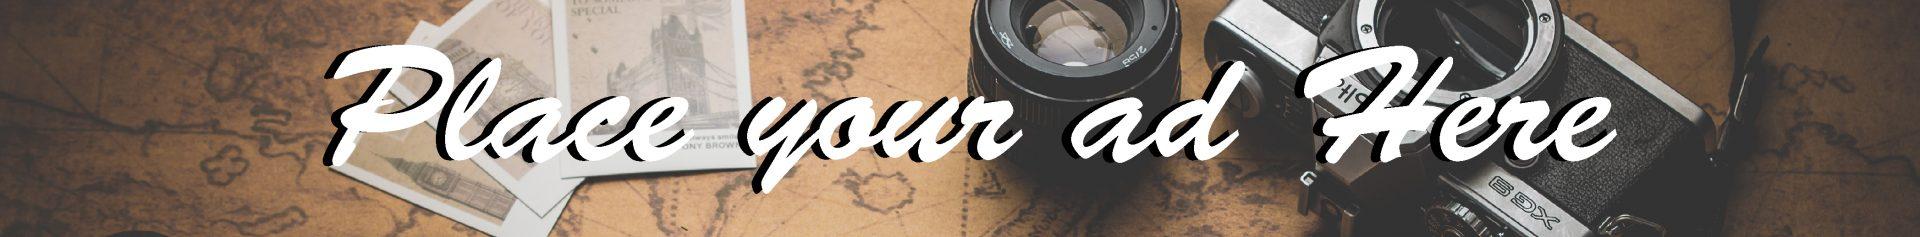 travelshare.gr advertise